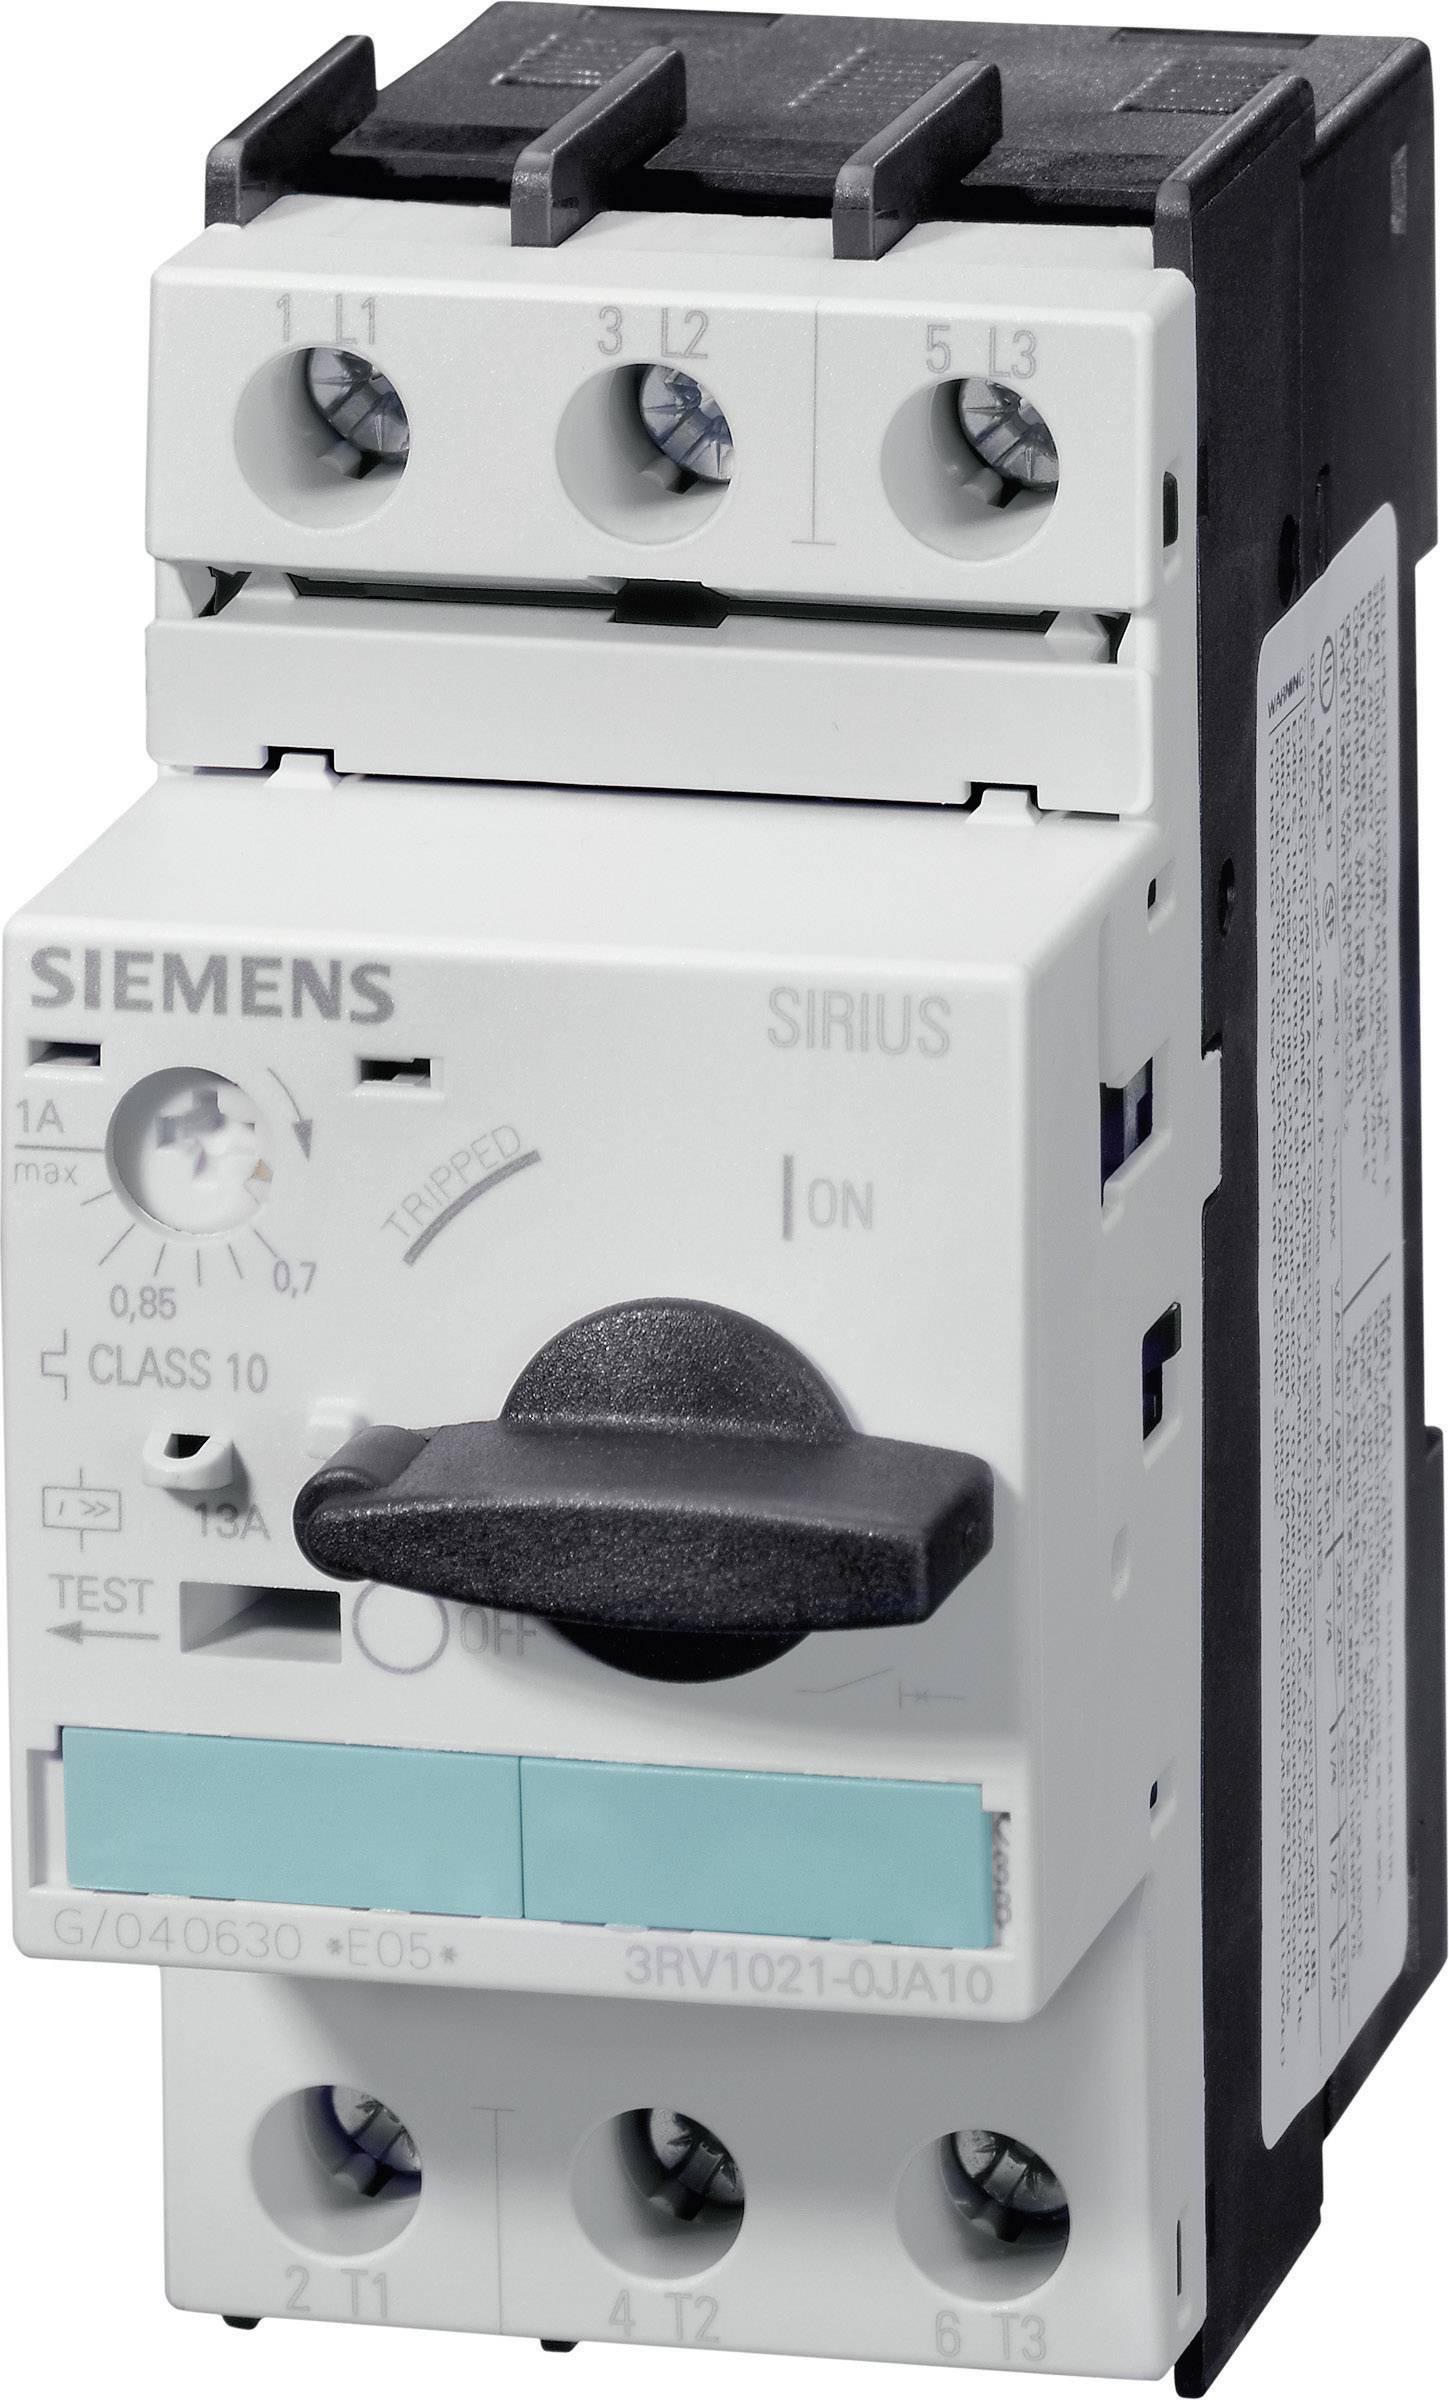 Výkonový spínač Siemens 3RV1021-1DA10, 2,20 - 3,20 A